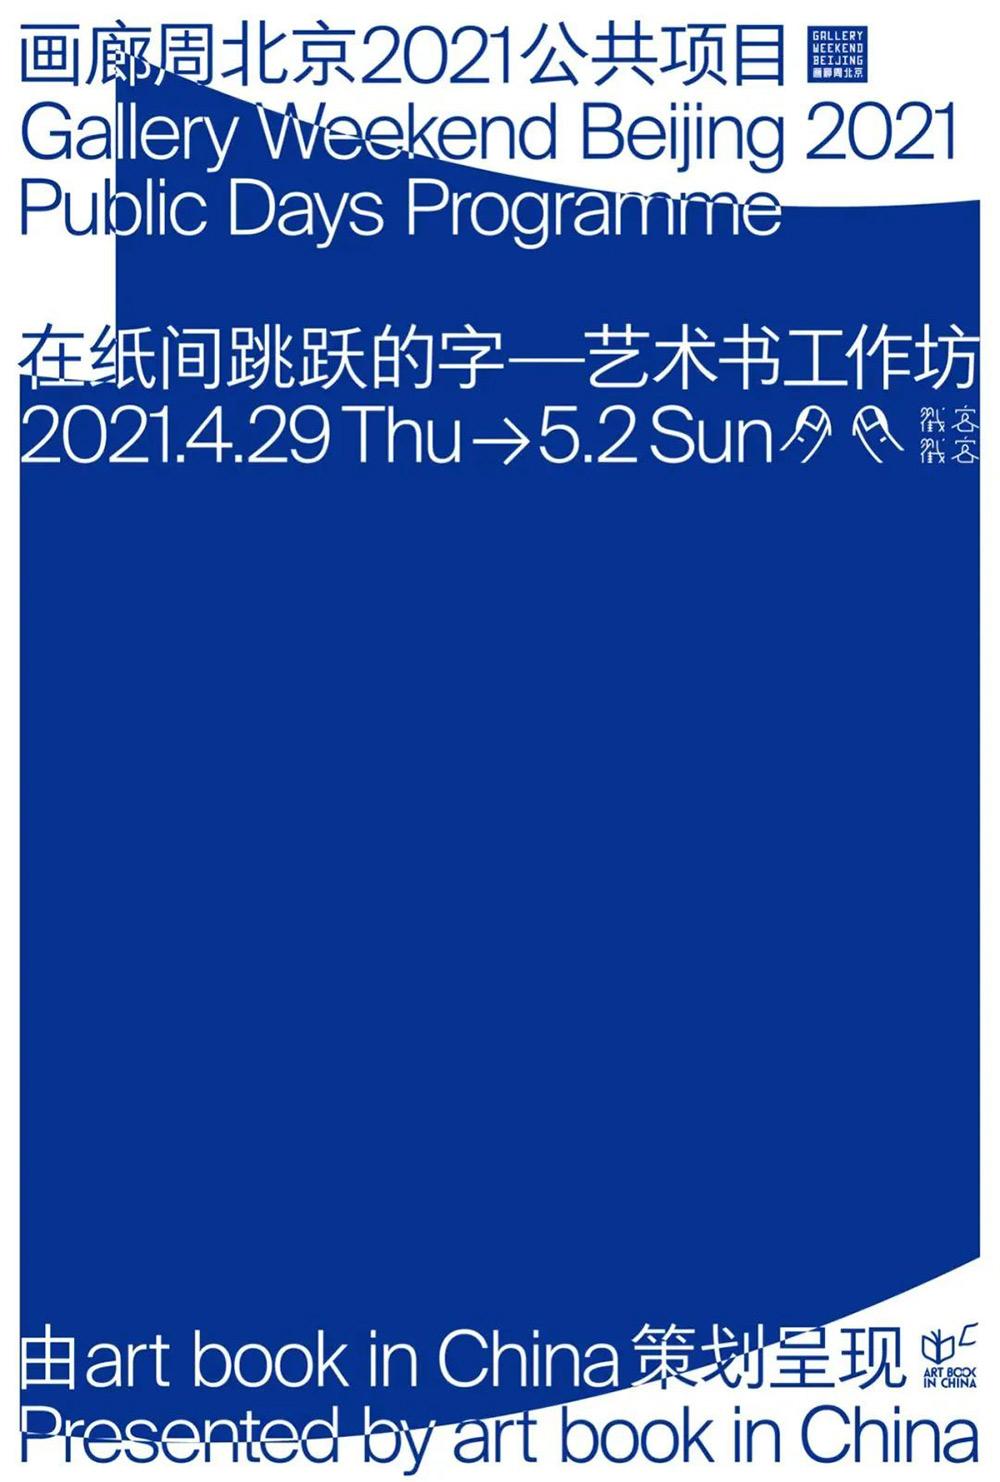 展览活动的信息如何在海报中表达?